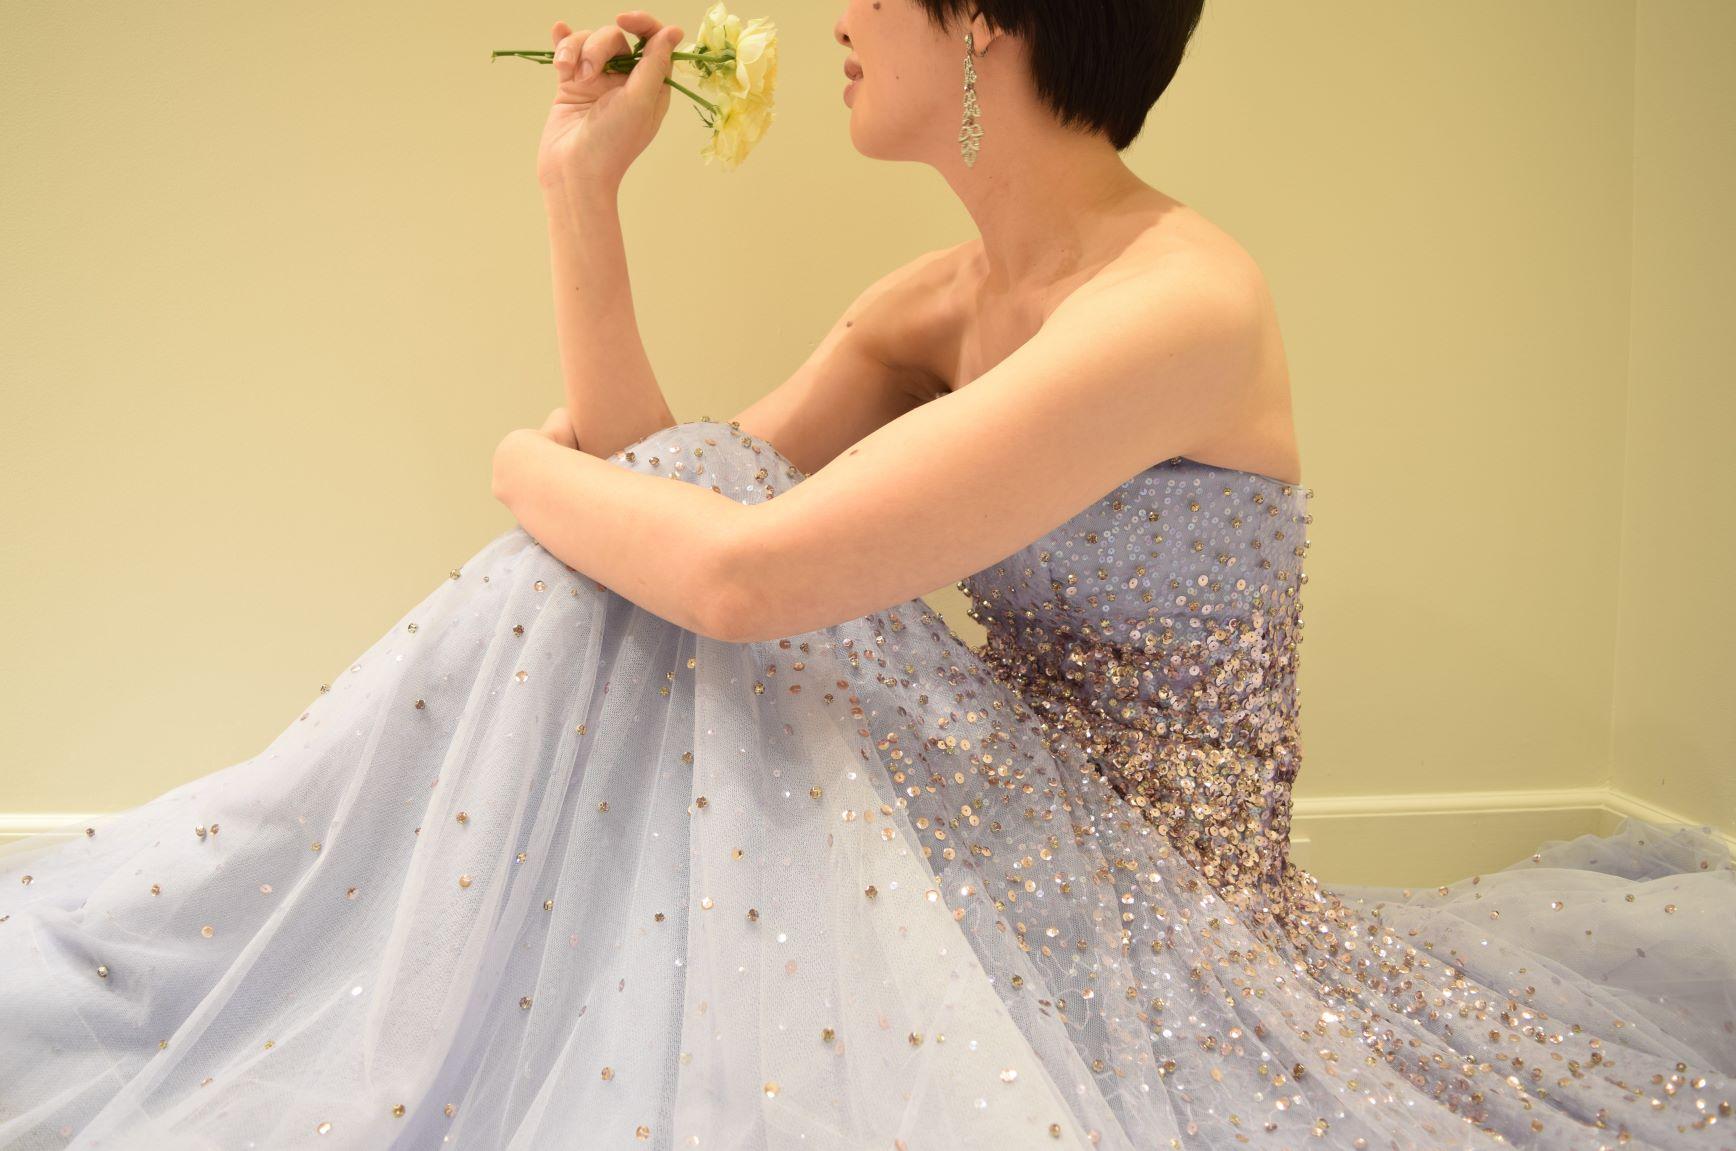 春の暖かい日差しの下でお召しいただきたい、パステルカラーの新作カラードレスは大人花嫁に人気のパープルのAラインドレスです